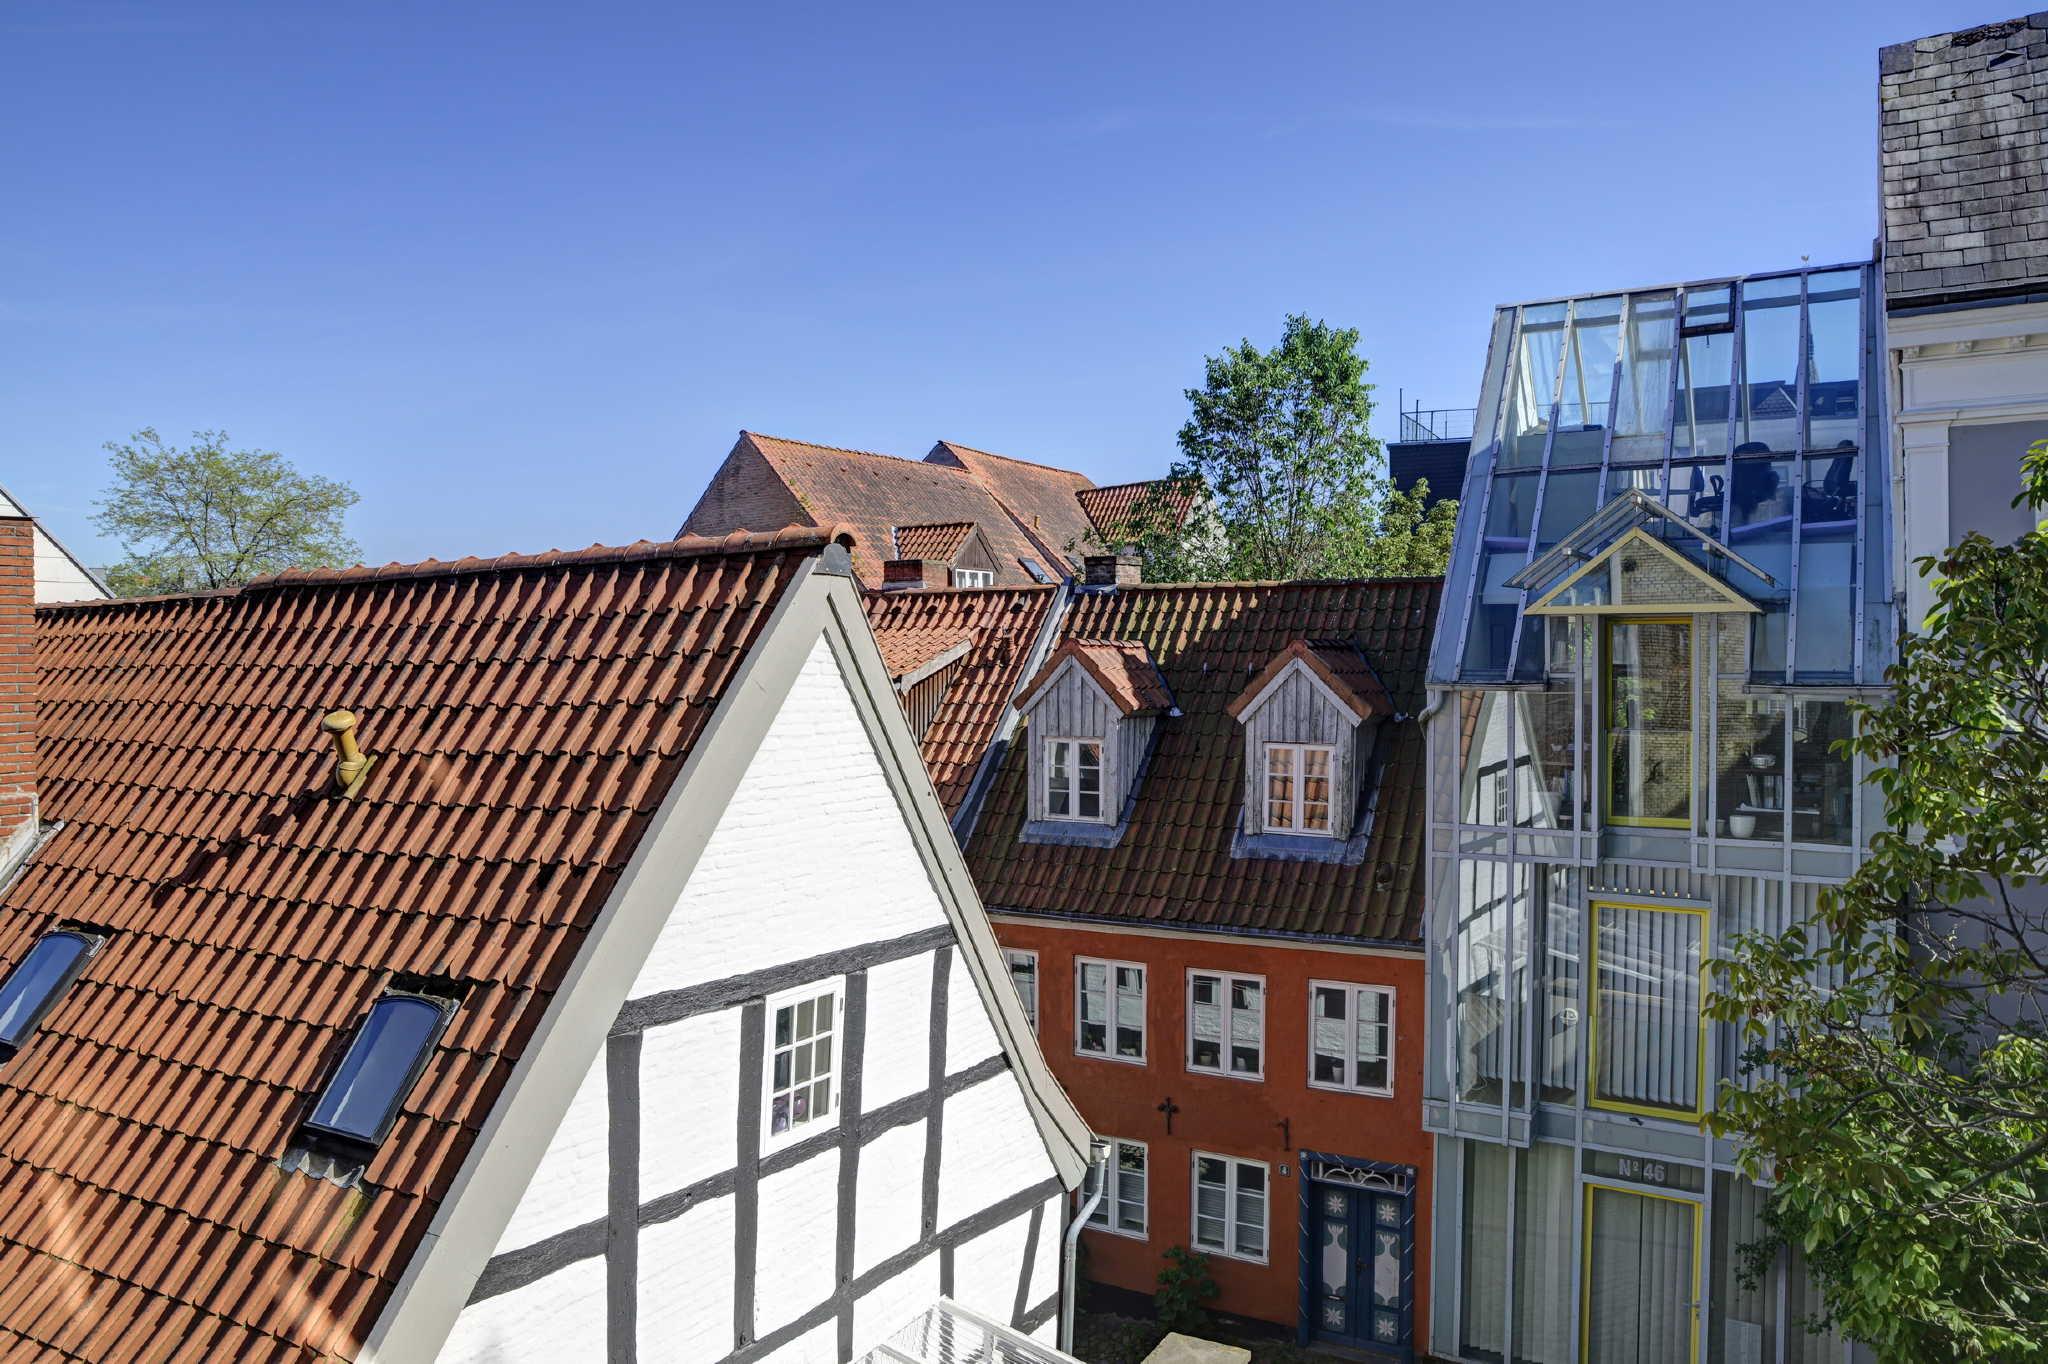 Blick aus der Wohnung auf die Altstadt